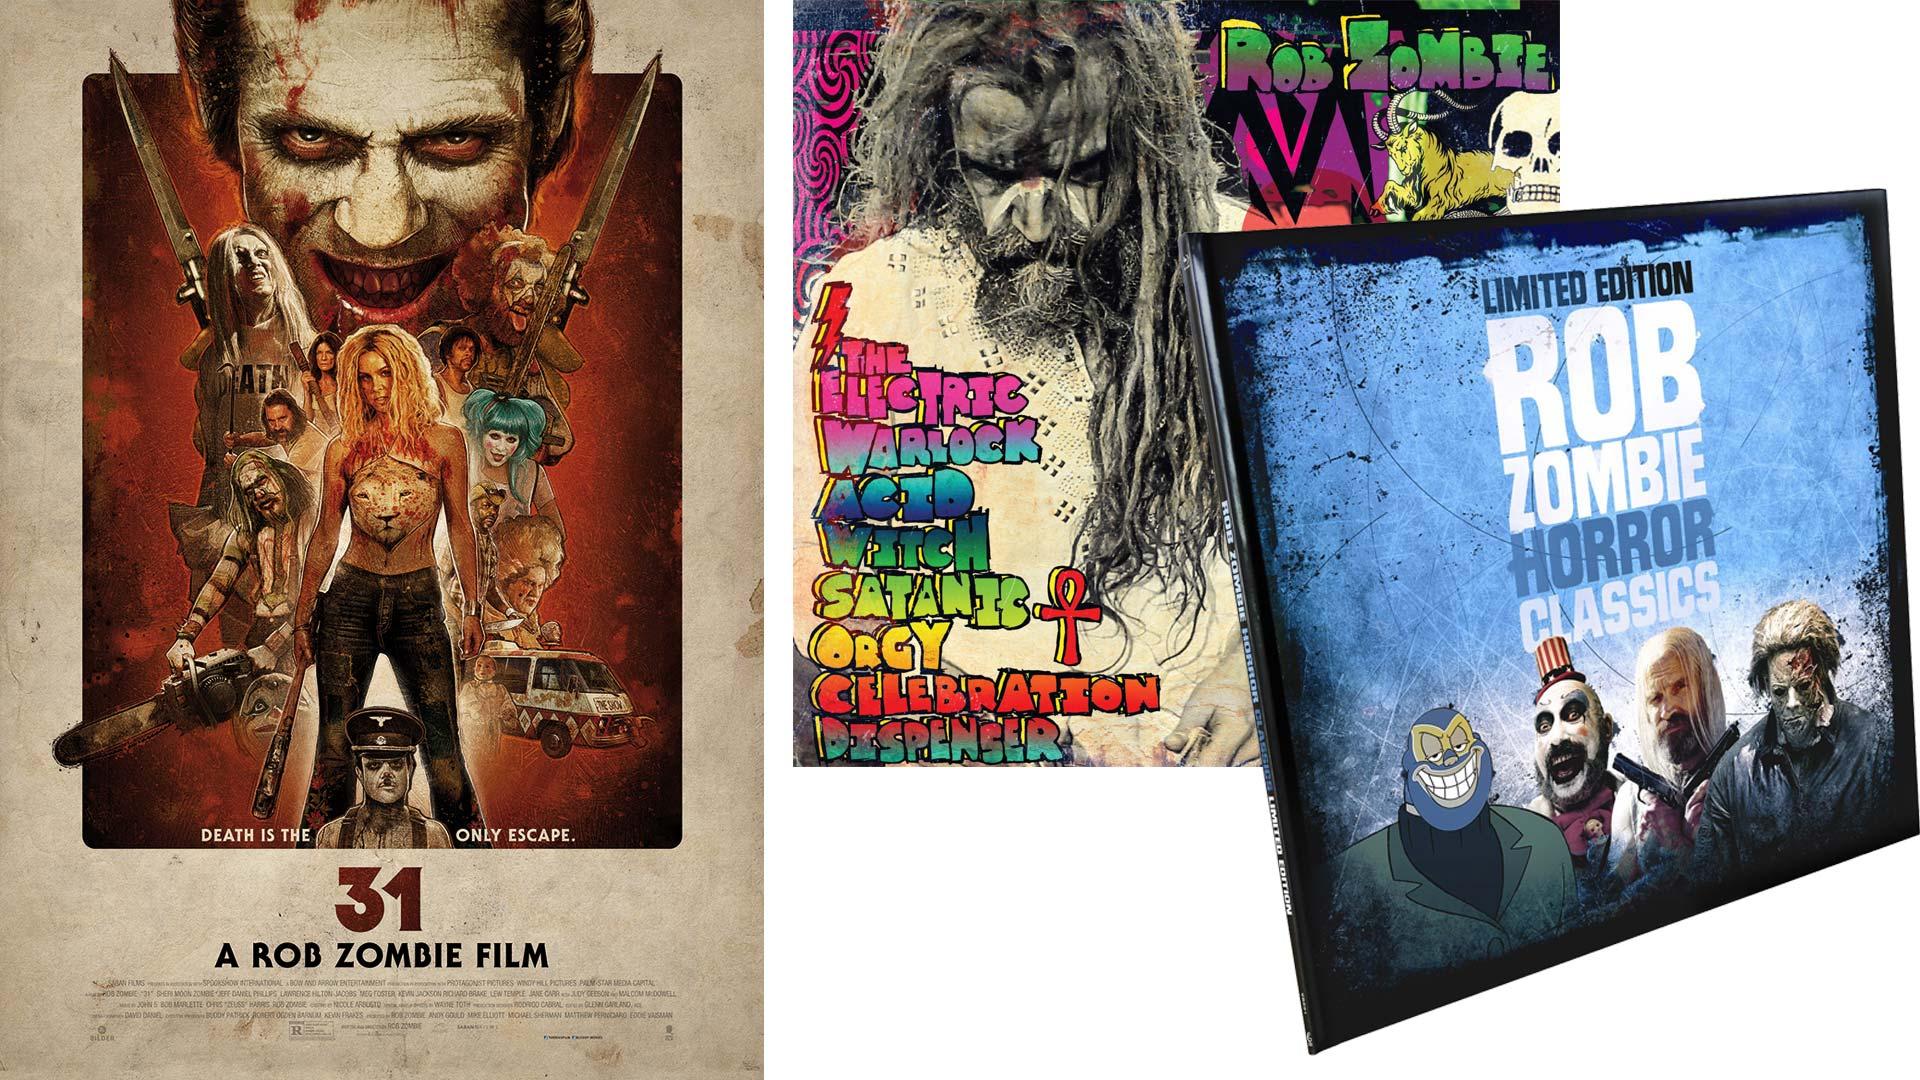 Fanpaket zu '31 - A Rob Zombie Film'